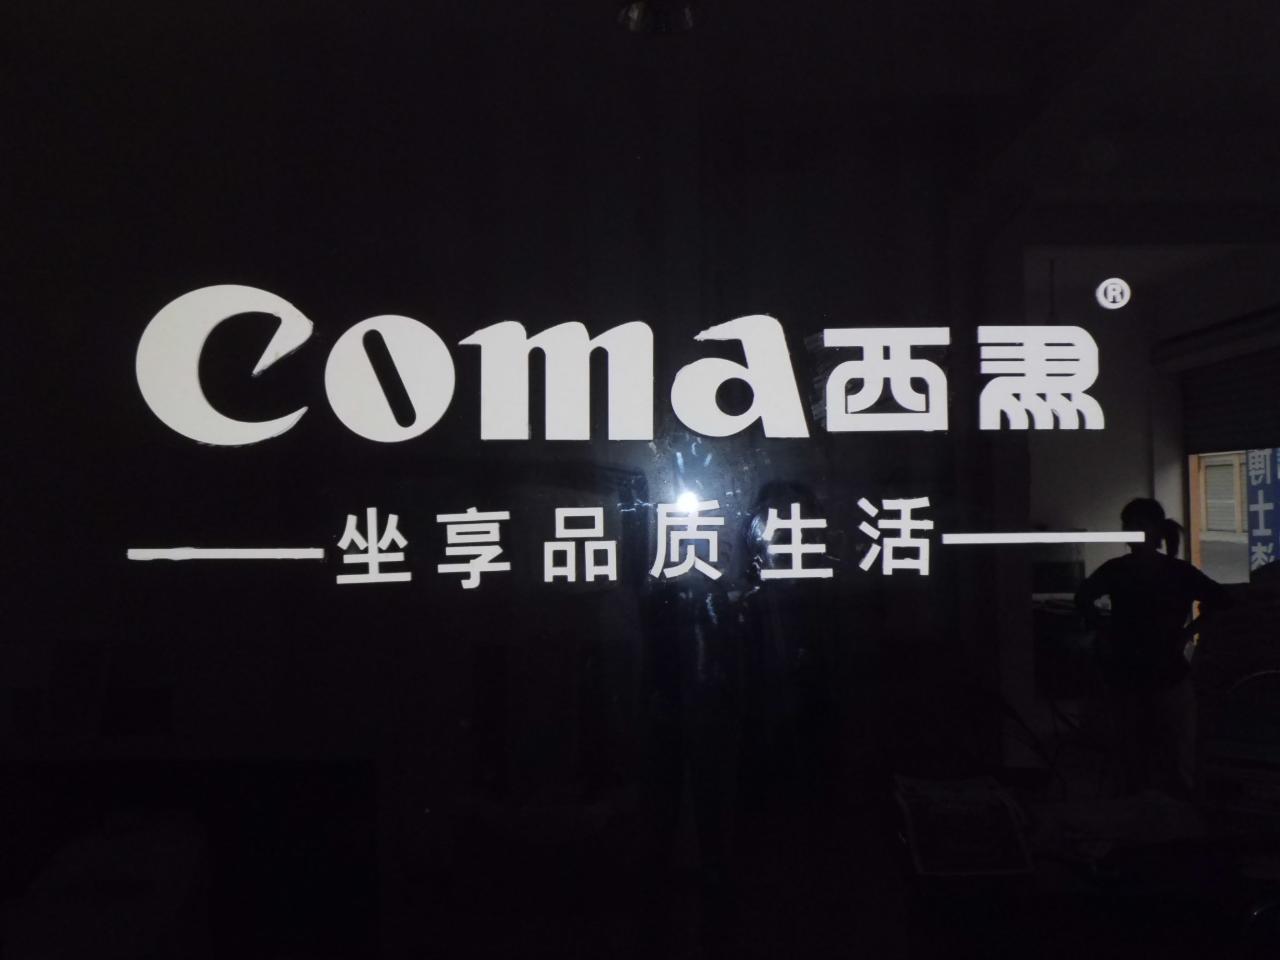 西马智能马桶标志logo